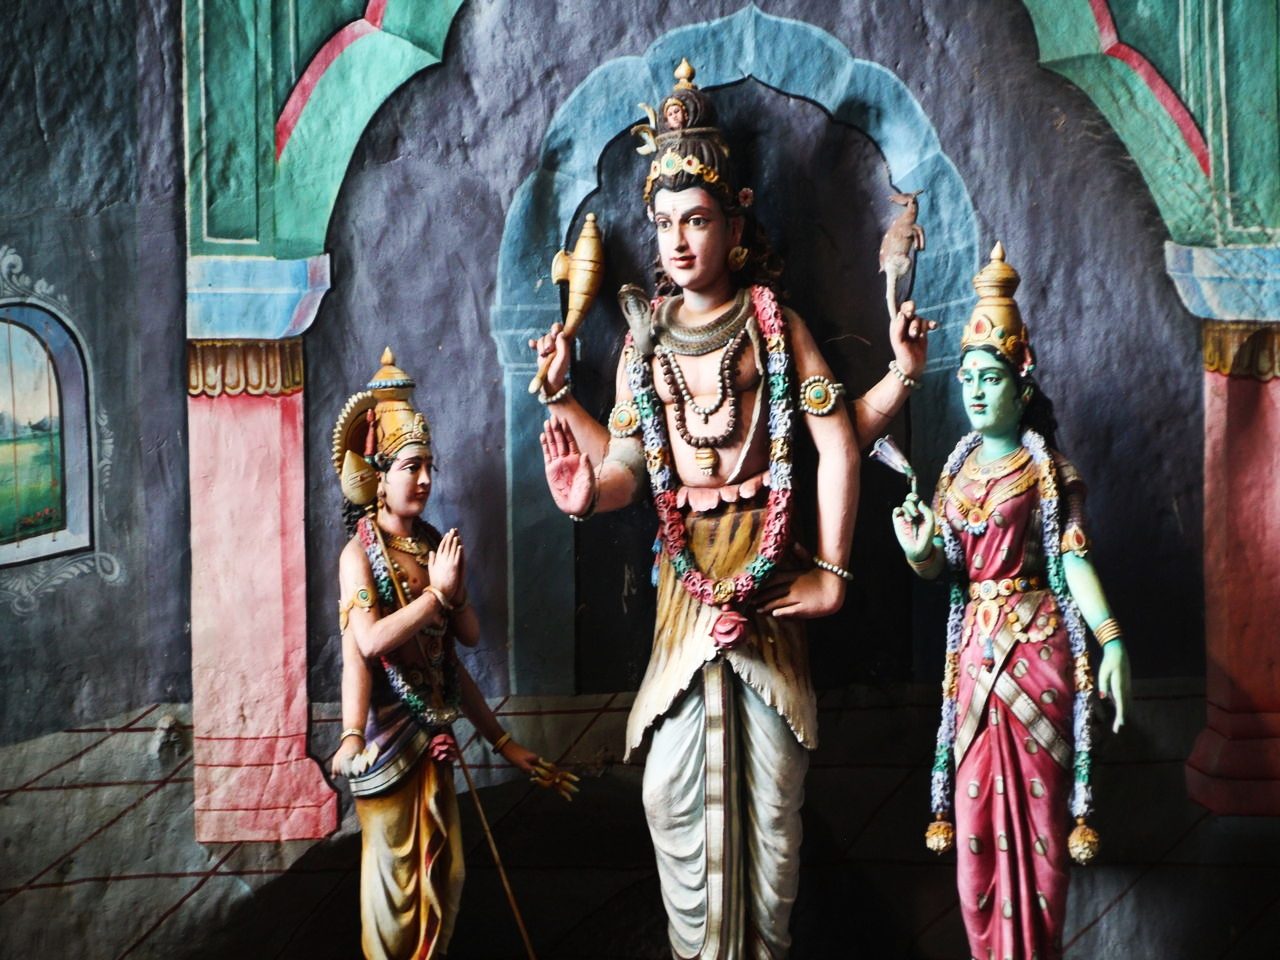 Jamás había visto tantos templos hinduistas hasta que visité Malasia.